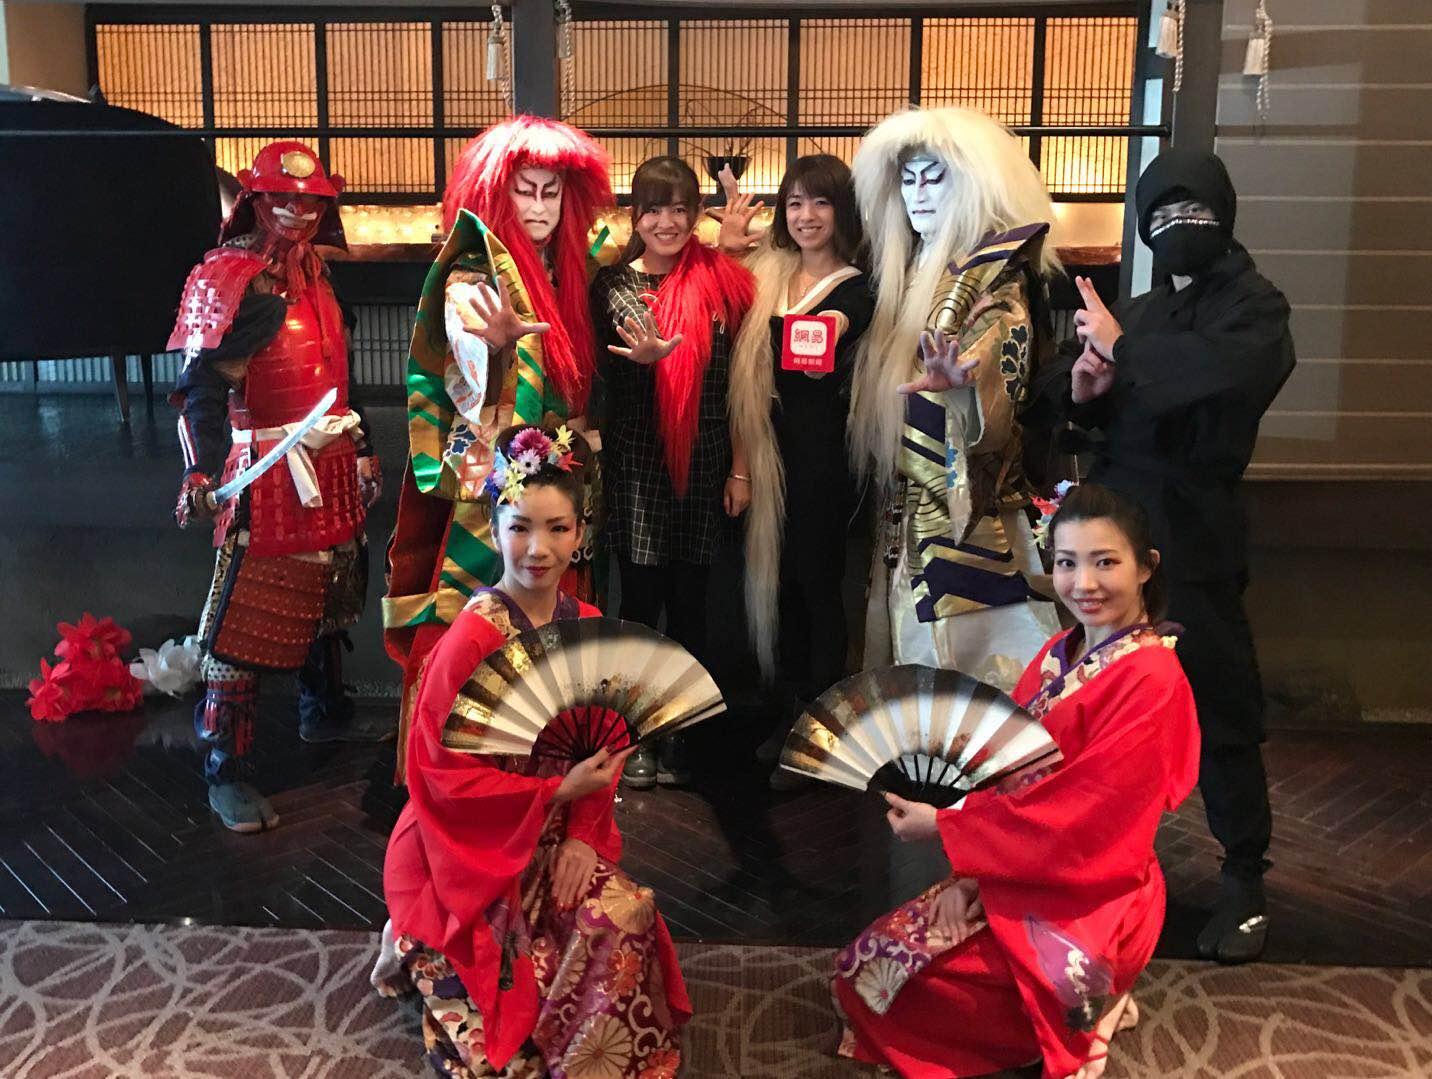 你见过的最销魂的日本直播:刺身+歌舞伎